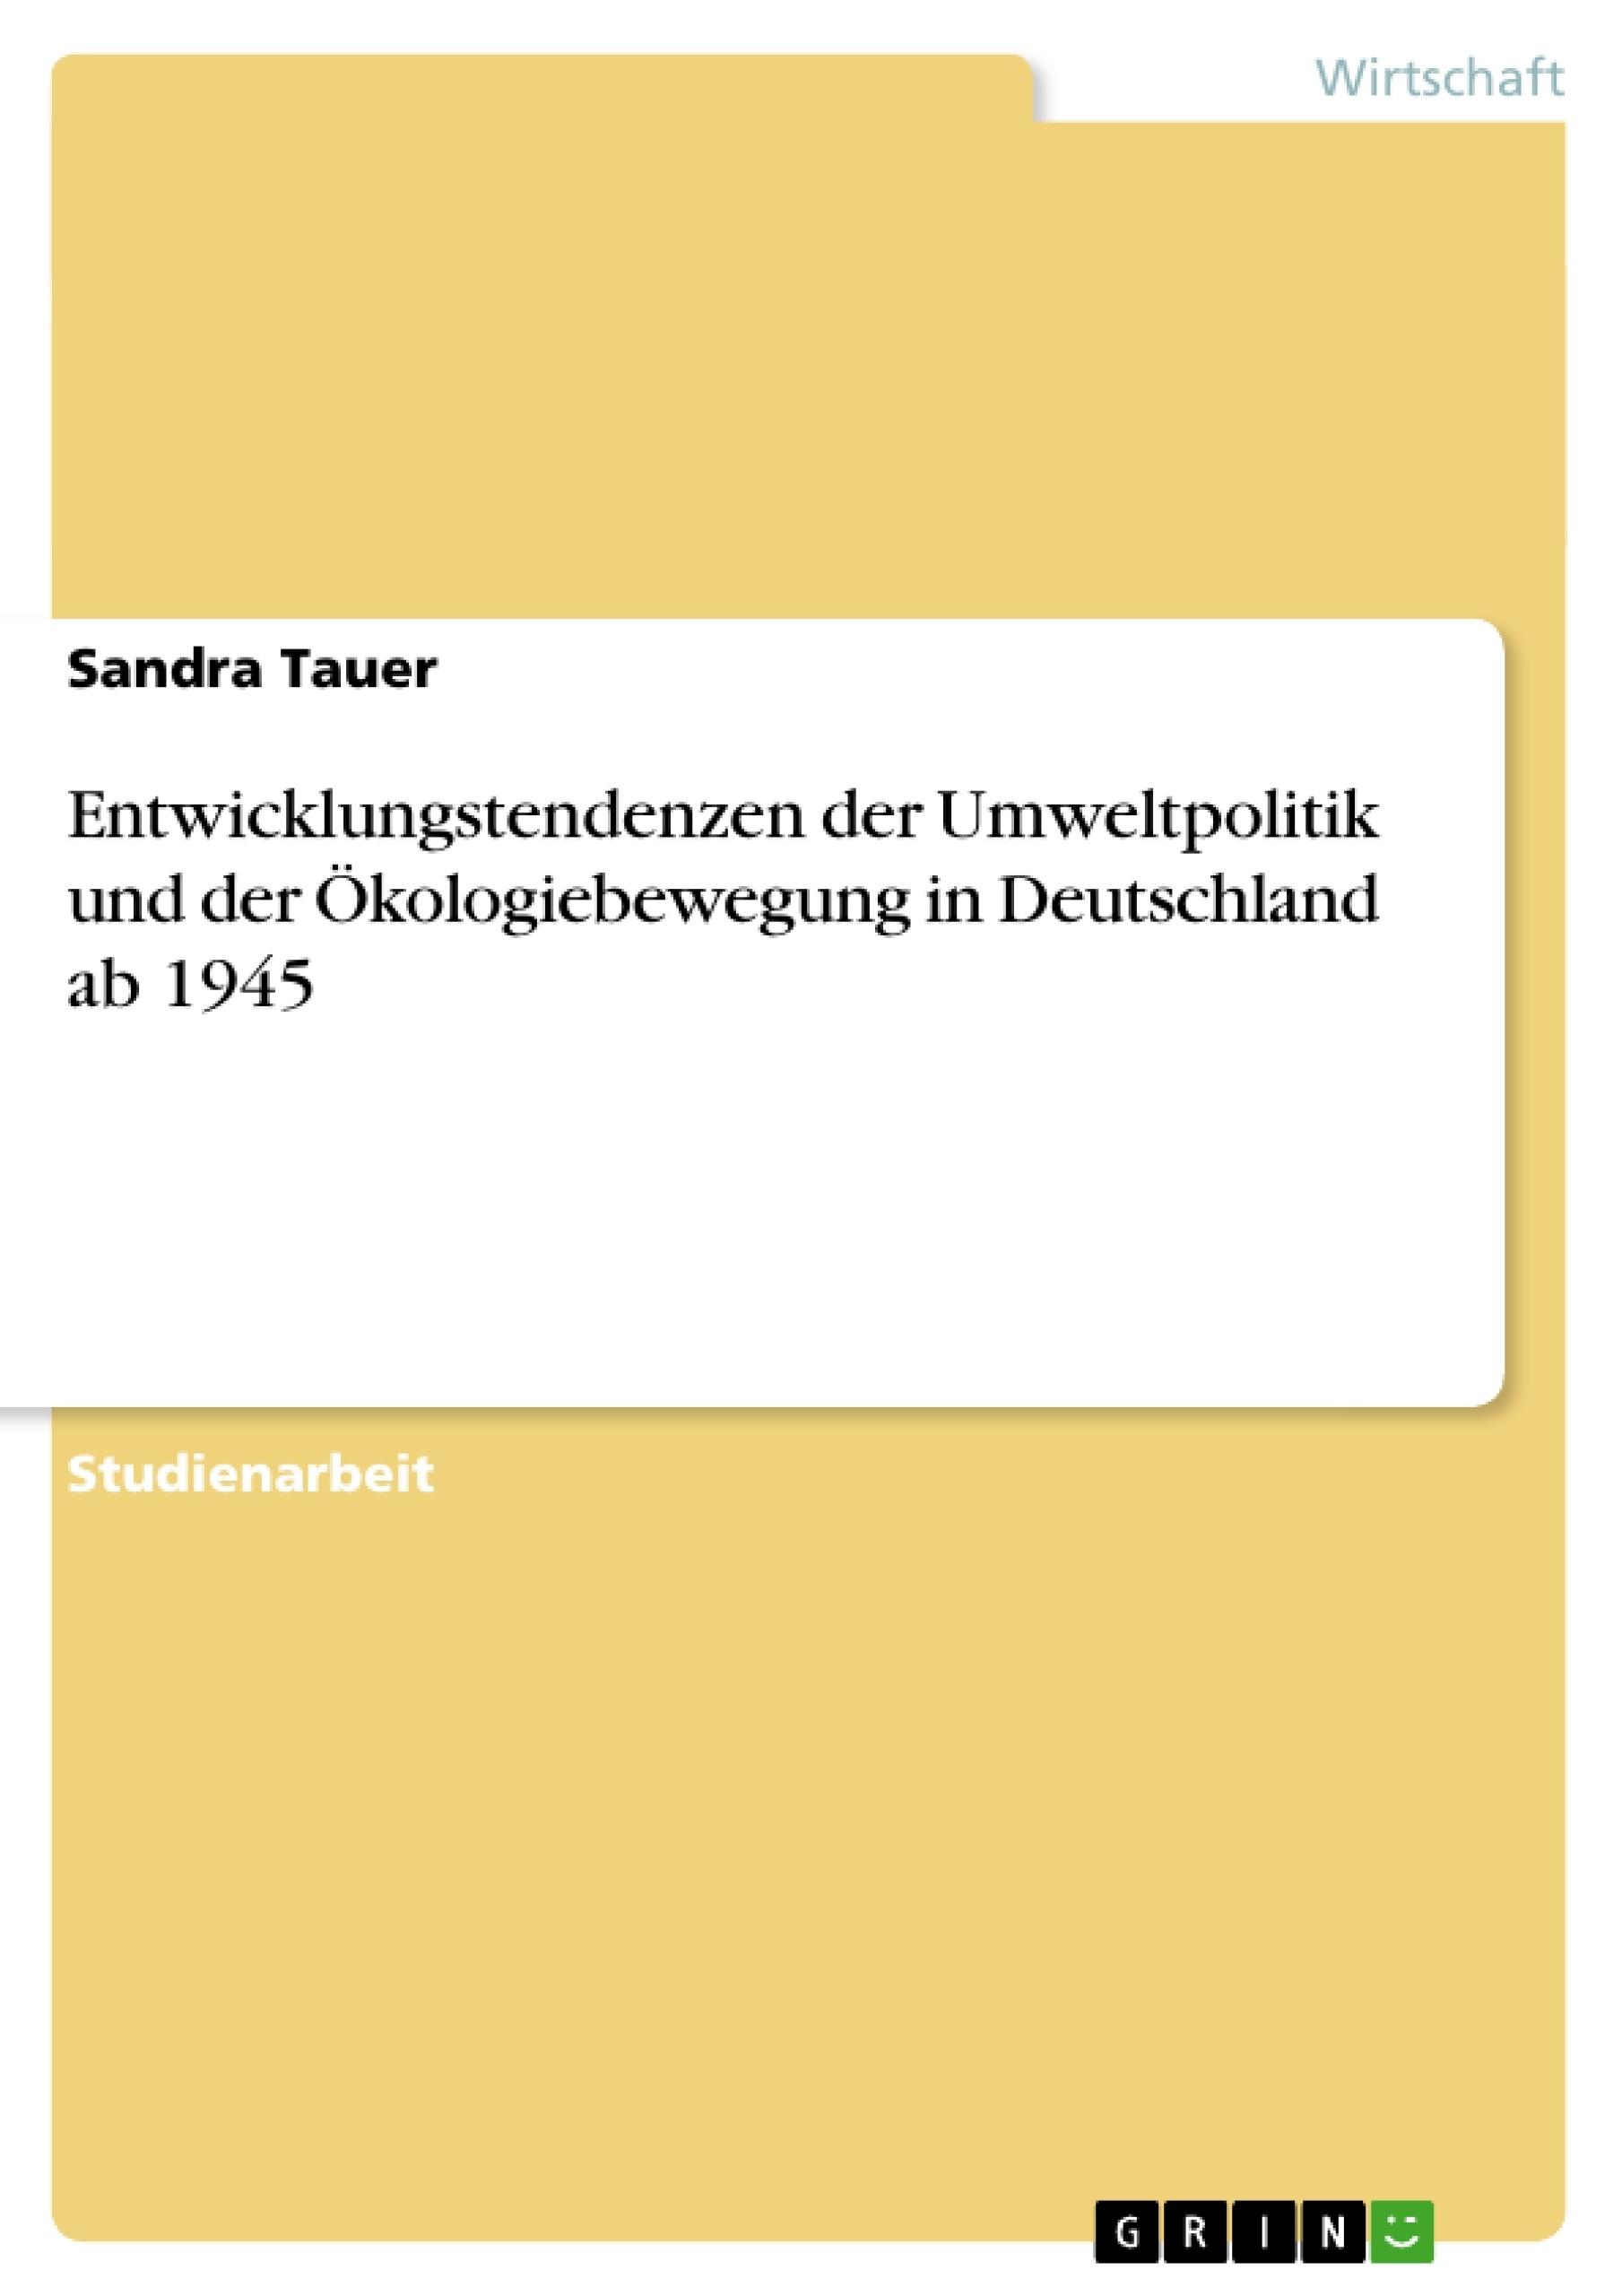 Titel: Entwicklungstendenzen der Umweltpolitik und der Ökologiebewegung in Deutschland ab 1945